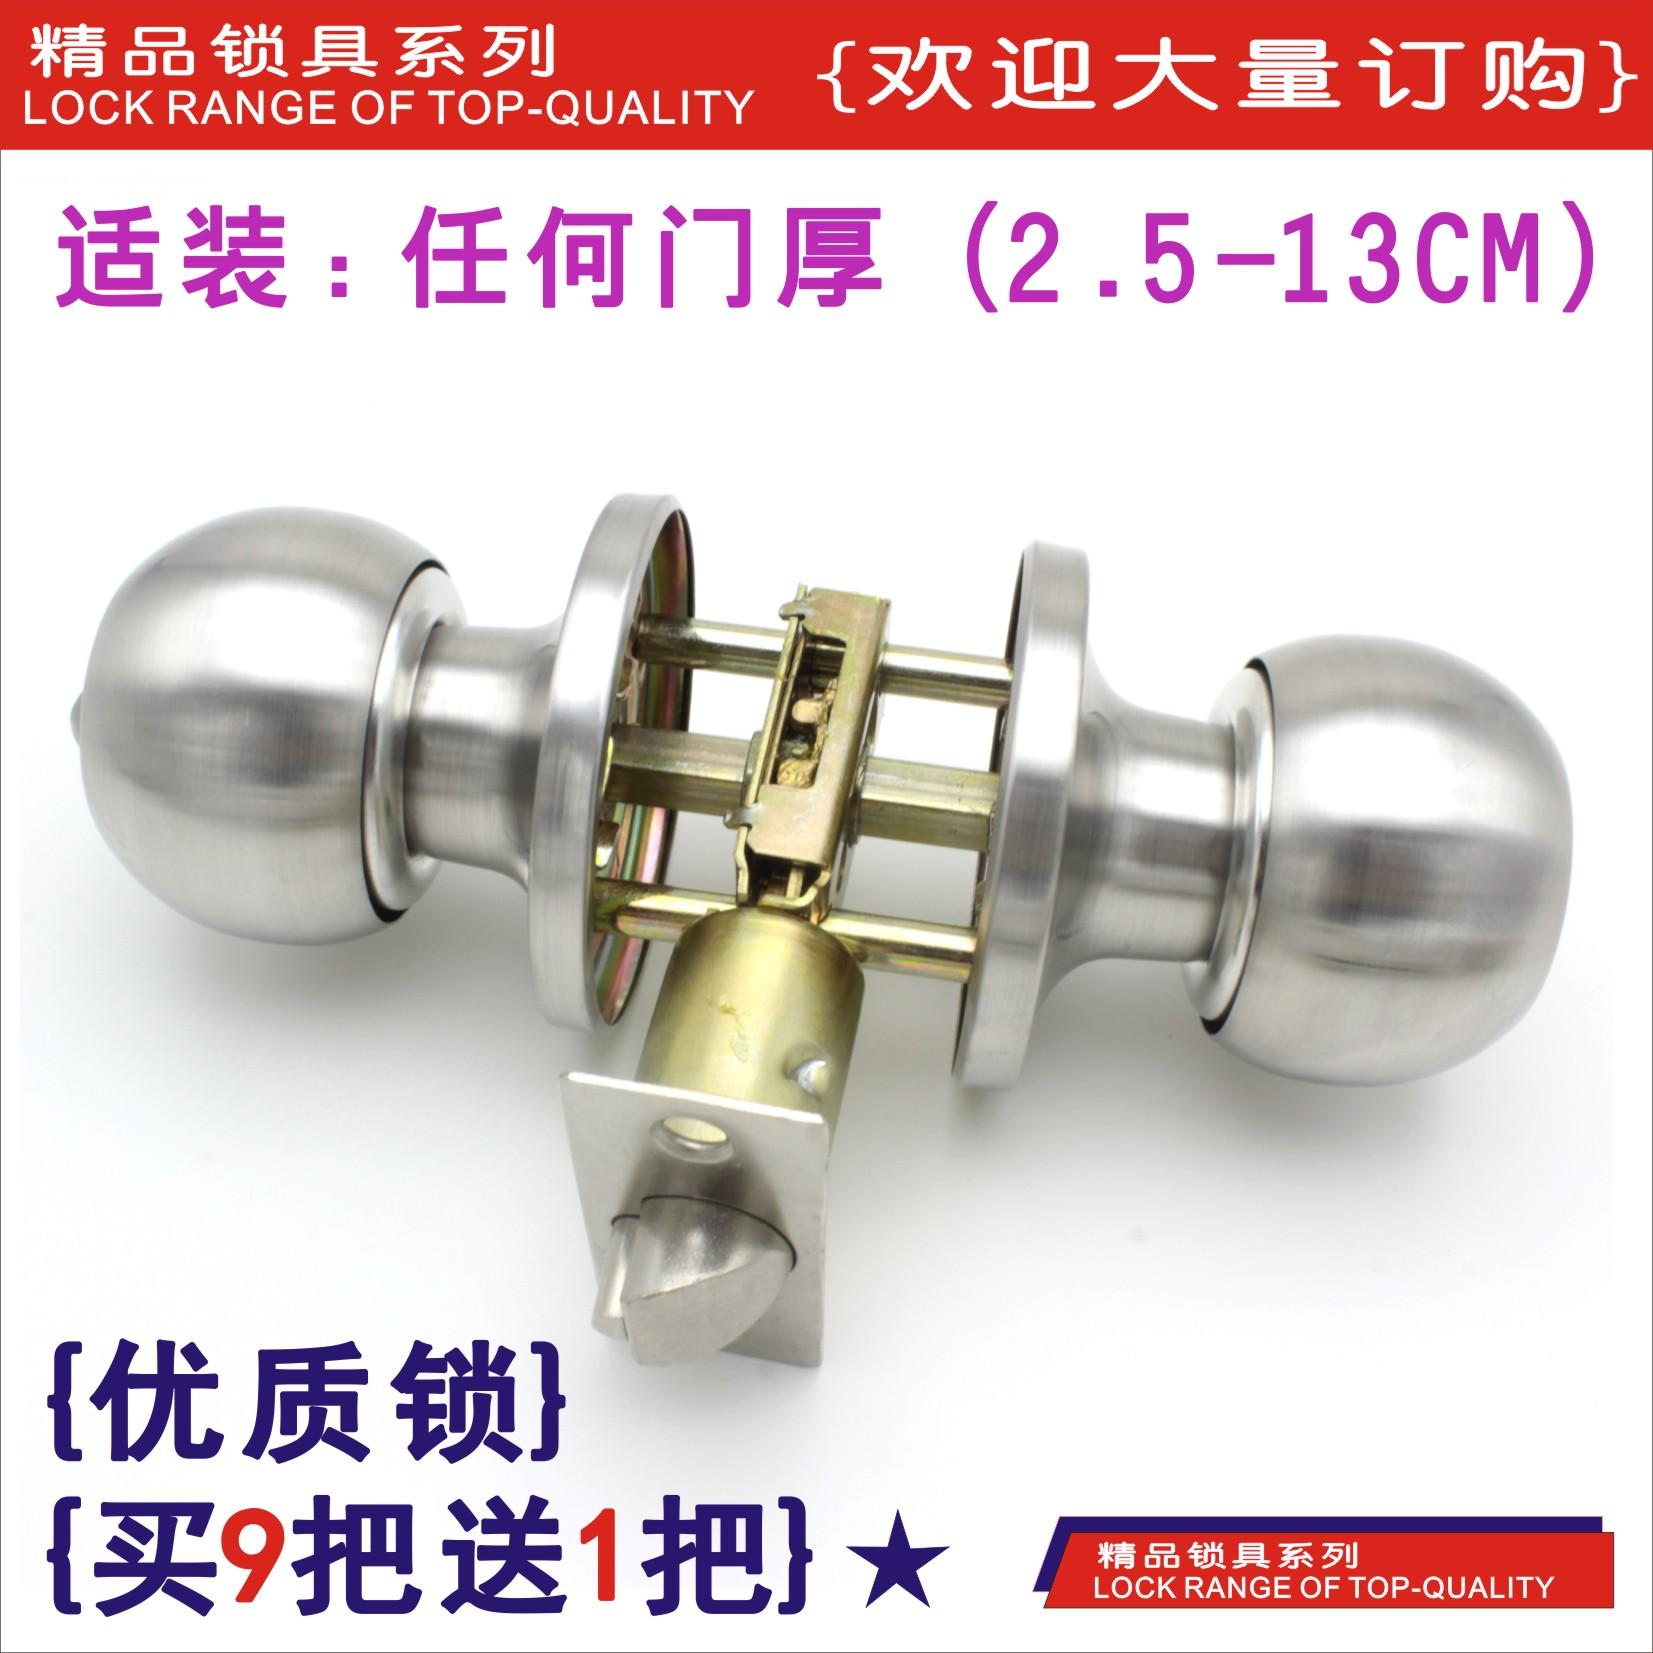 607三杆式卫生间不锈钢三杆锁球锁